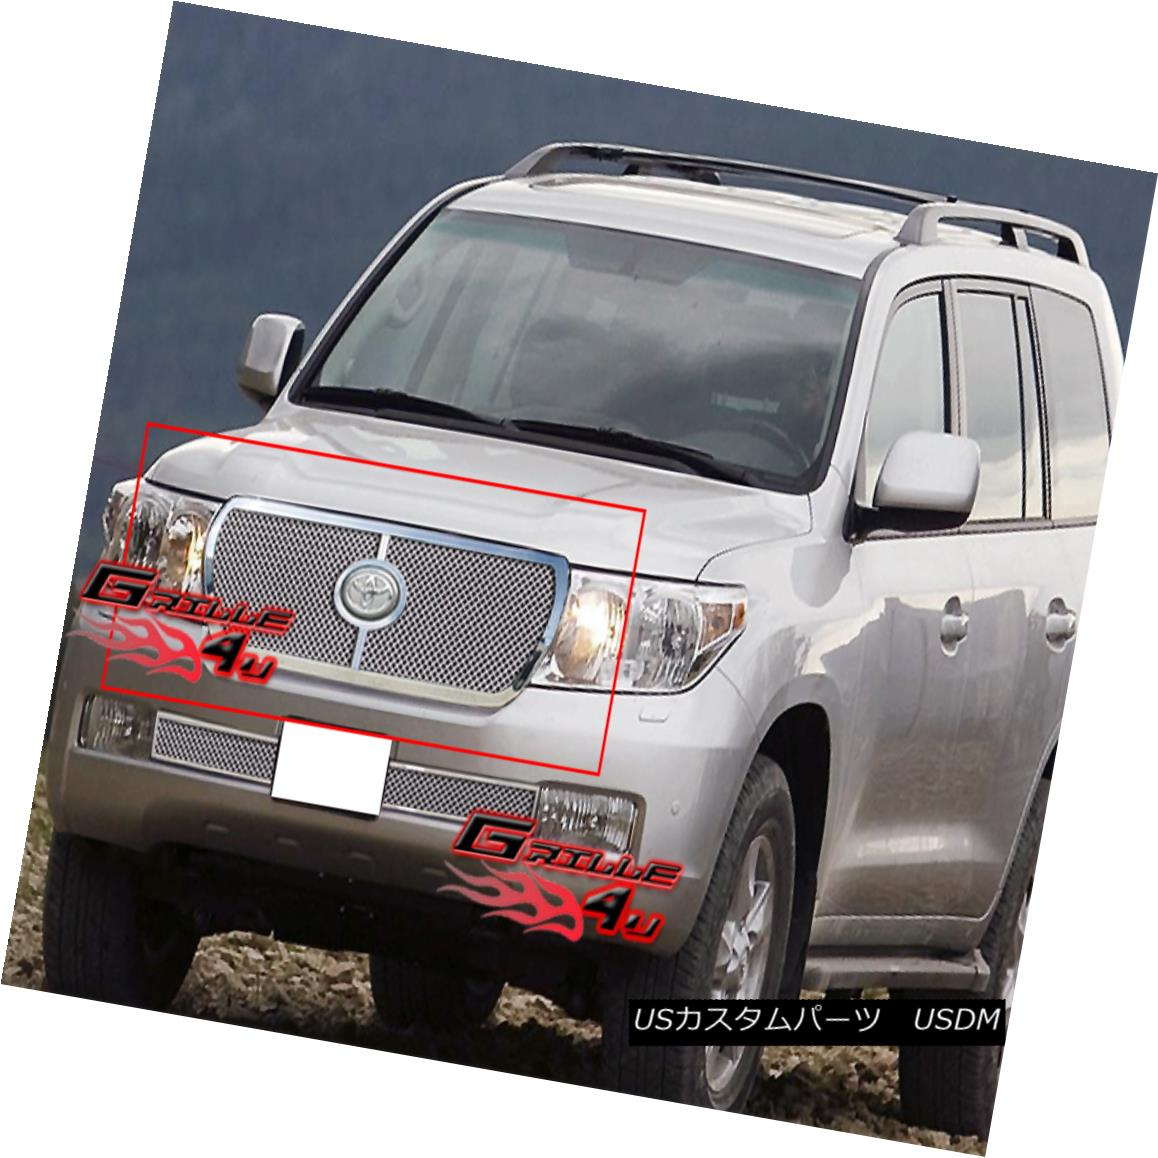 グリル Fits 2008-2009 Toyota Land Cruiser Stainless Mesh Grille Insert フィット2008-2009トヨタランドクルーザーステンレスメッシュグリルインサート